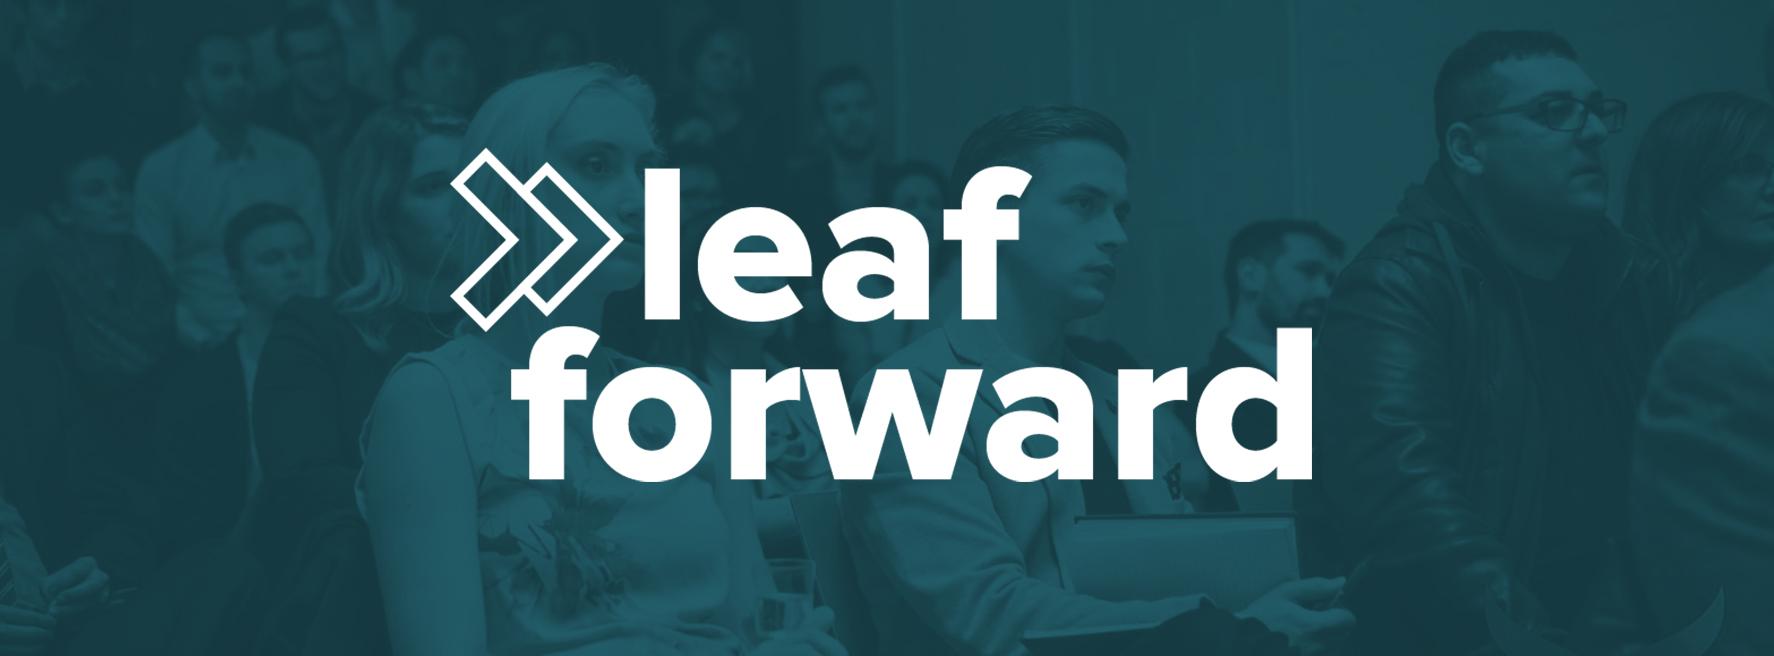 Leaf Toronto